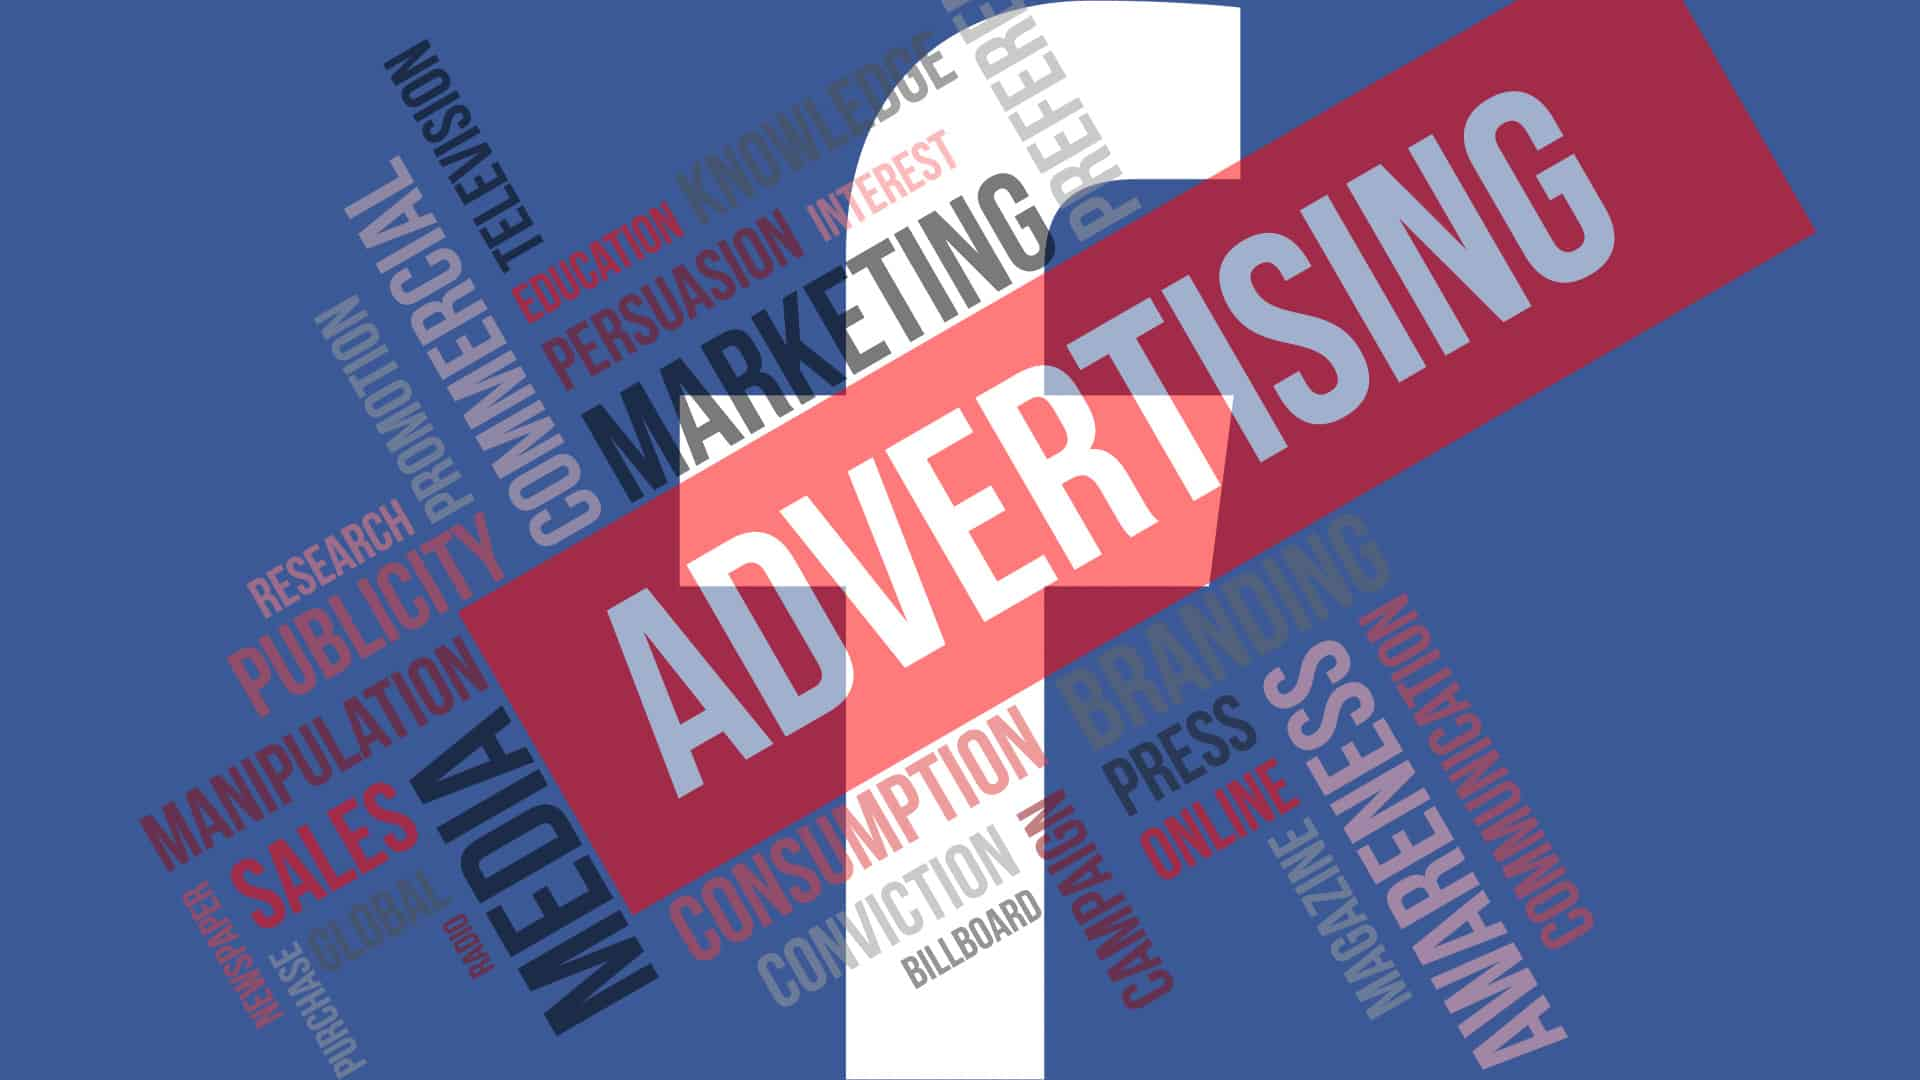 Elsket-facebook-ads